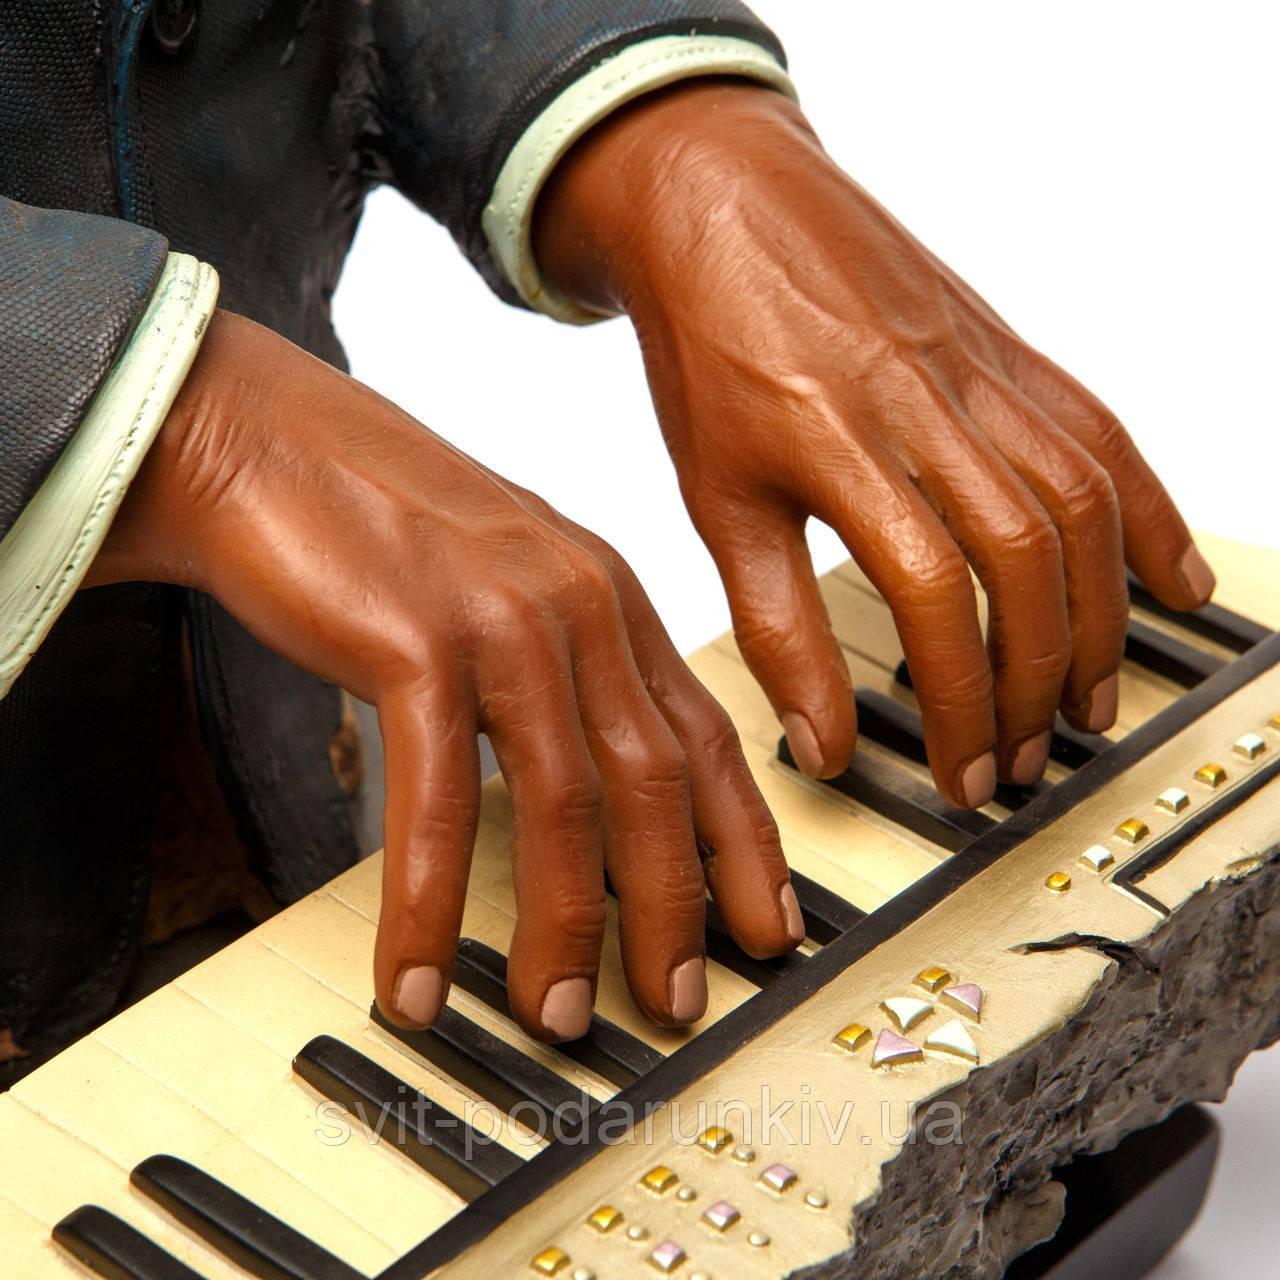 статуэтка пианиста